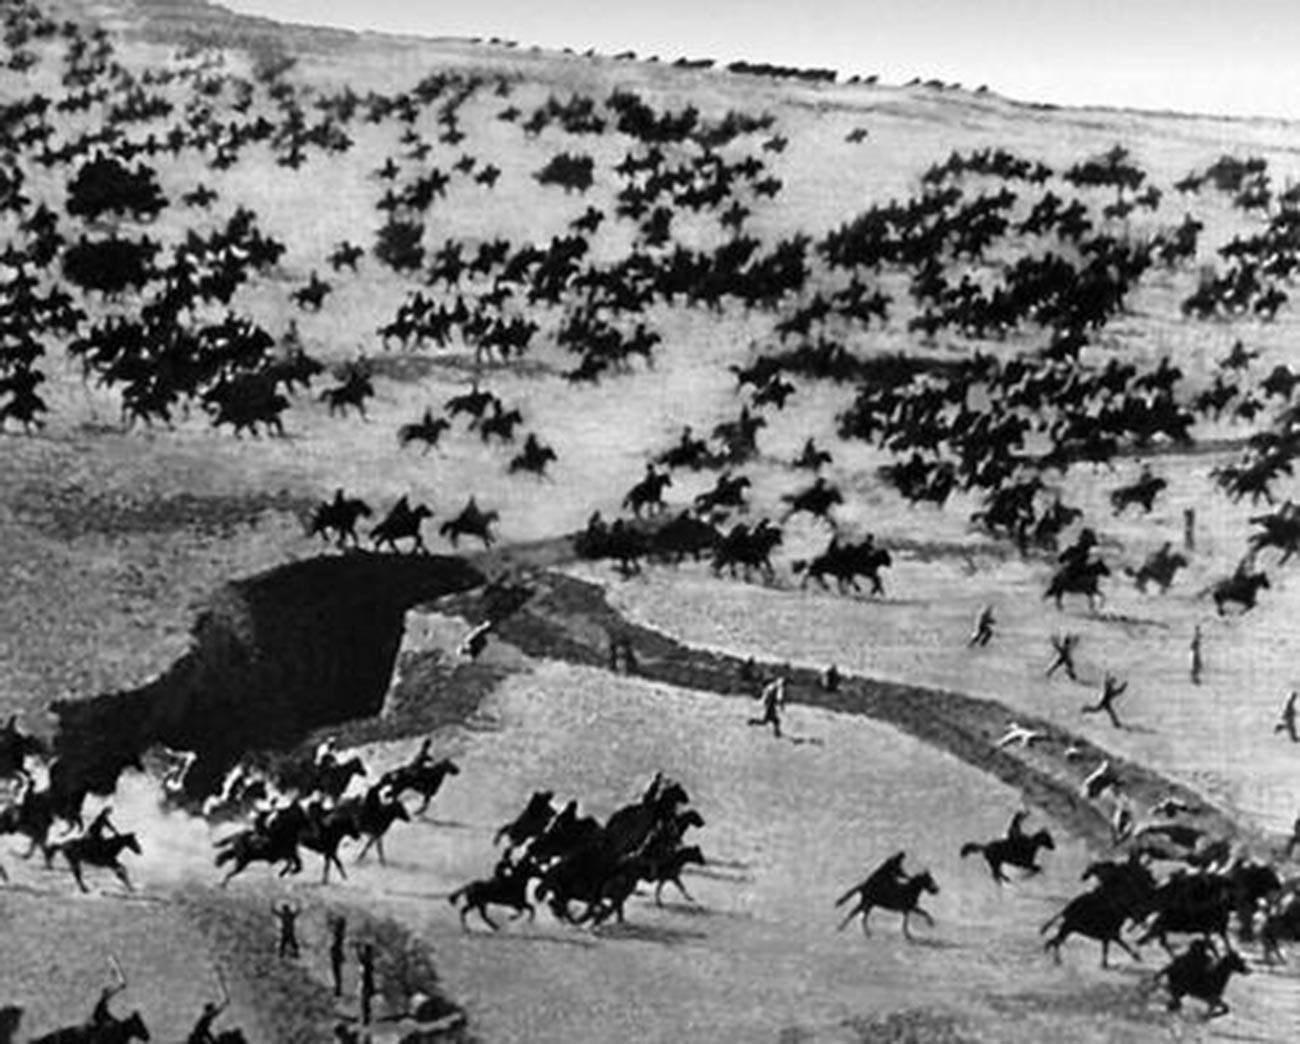 Cavalleria rossa all'attacco, 1919